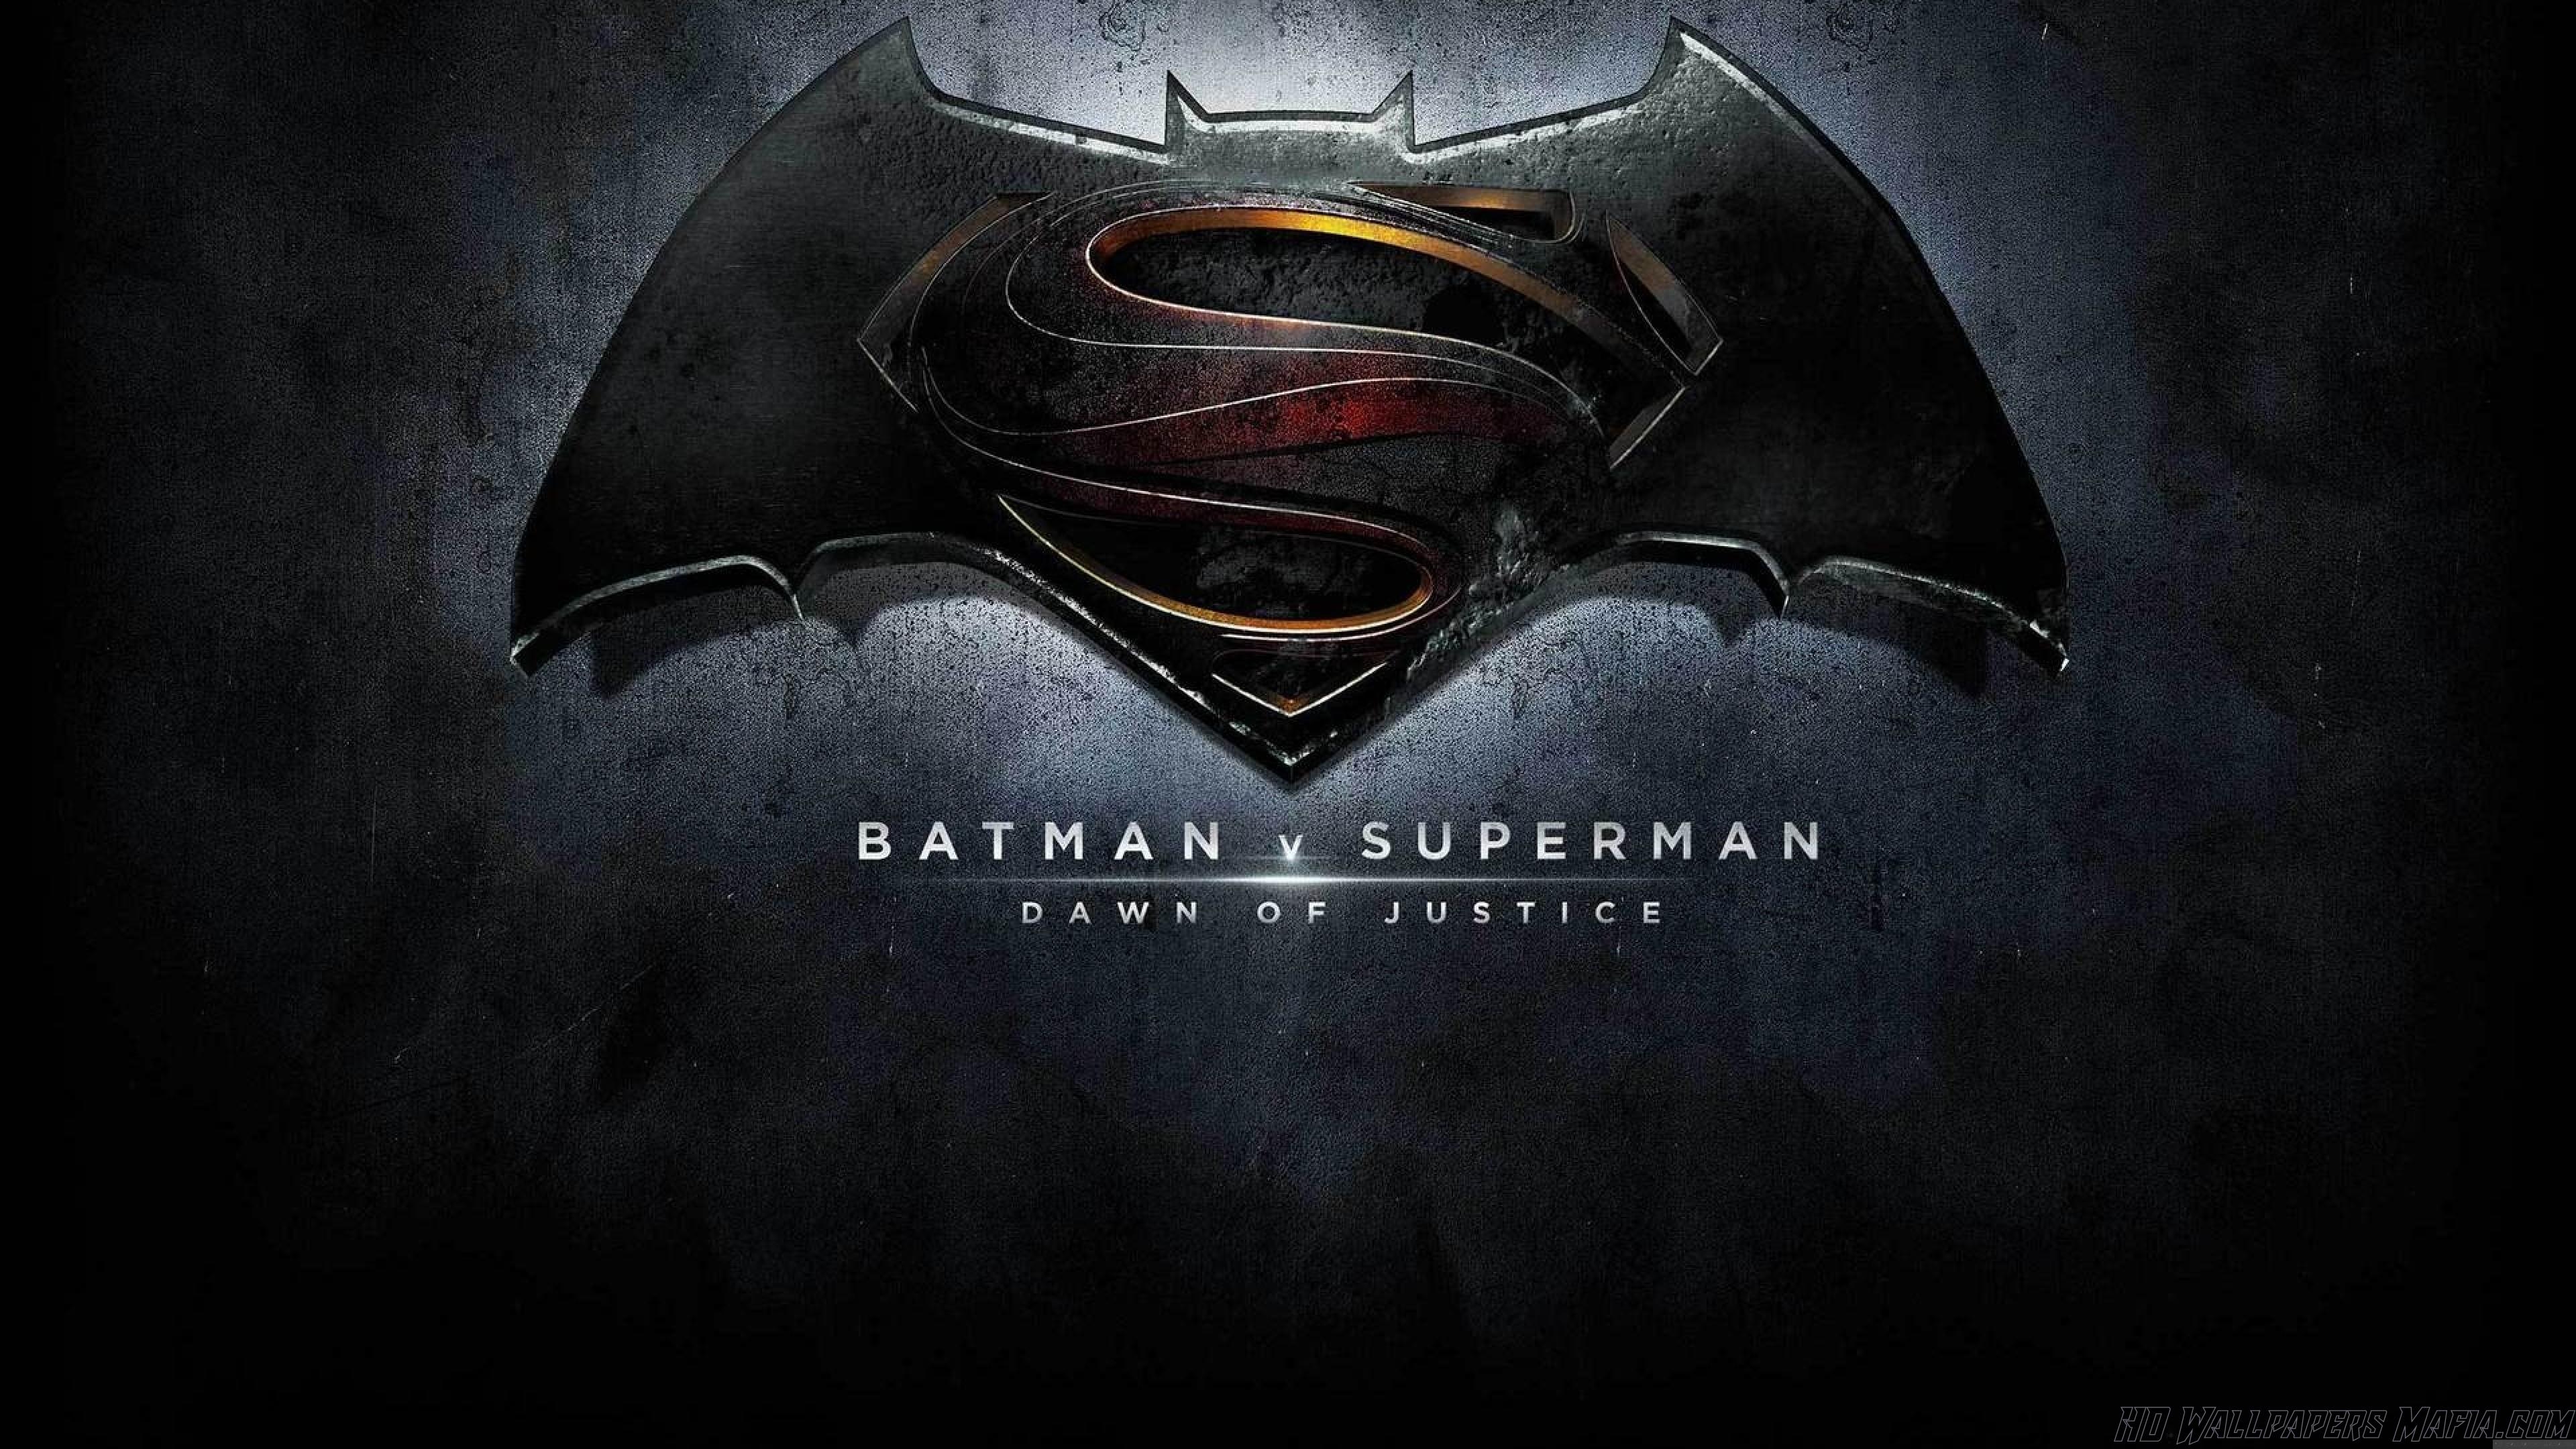 Batman Vs Superman Wallpaper Batman Vs Superman Logo 4k